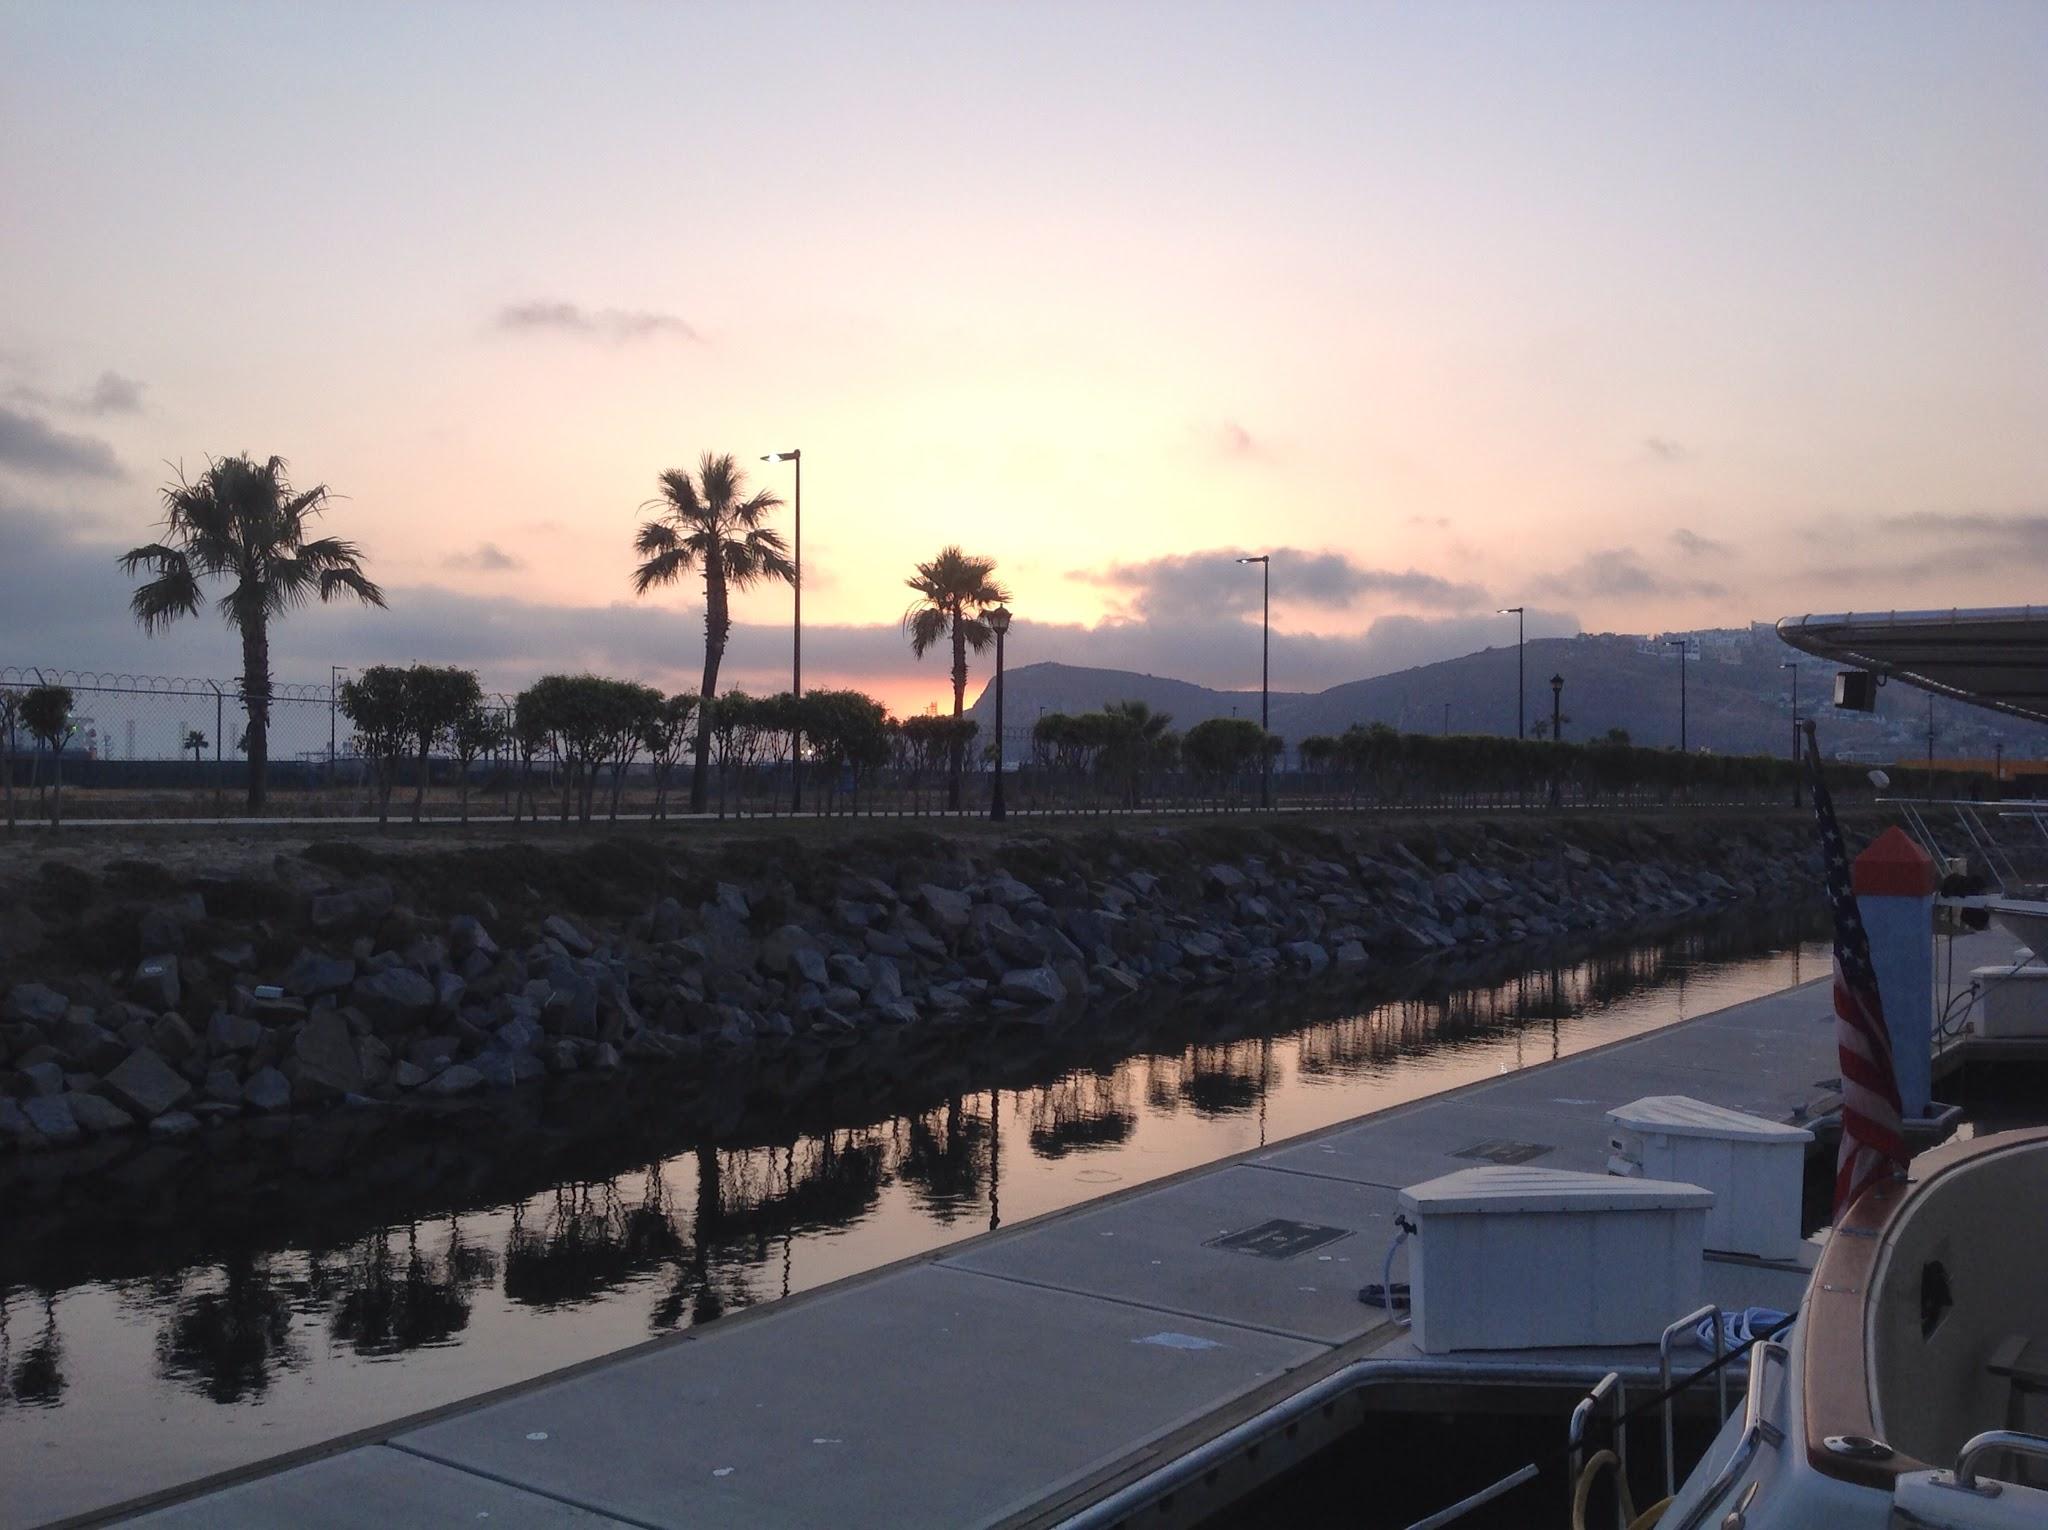 San Diego Airport (SAN) to Ensenada - 2 ways to travel via ...